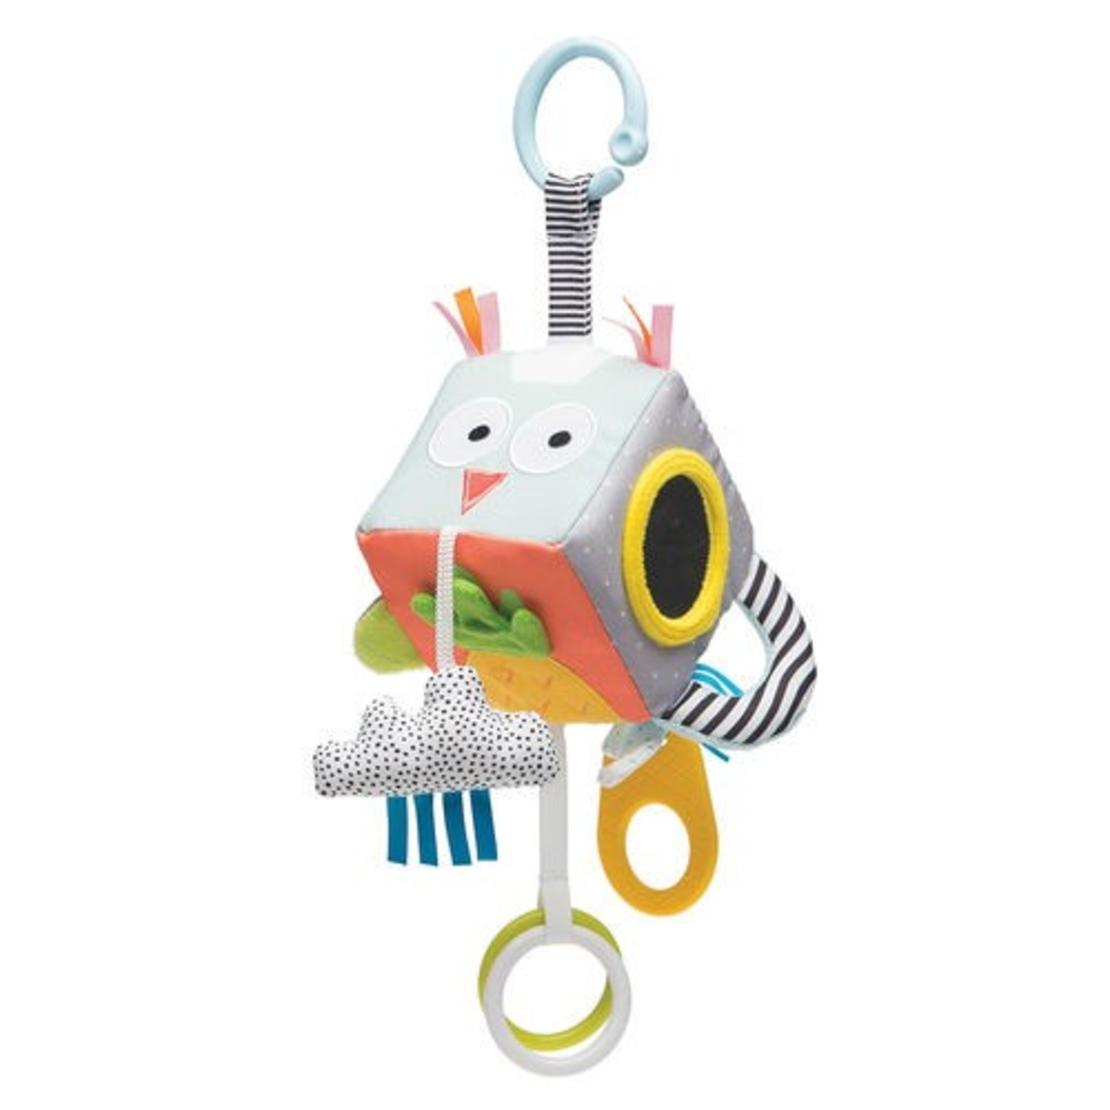 קוביית סקרנות - צעצוע ההתפתחות למשחק ולתליה המושלם מבית טף טויס